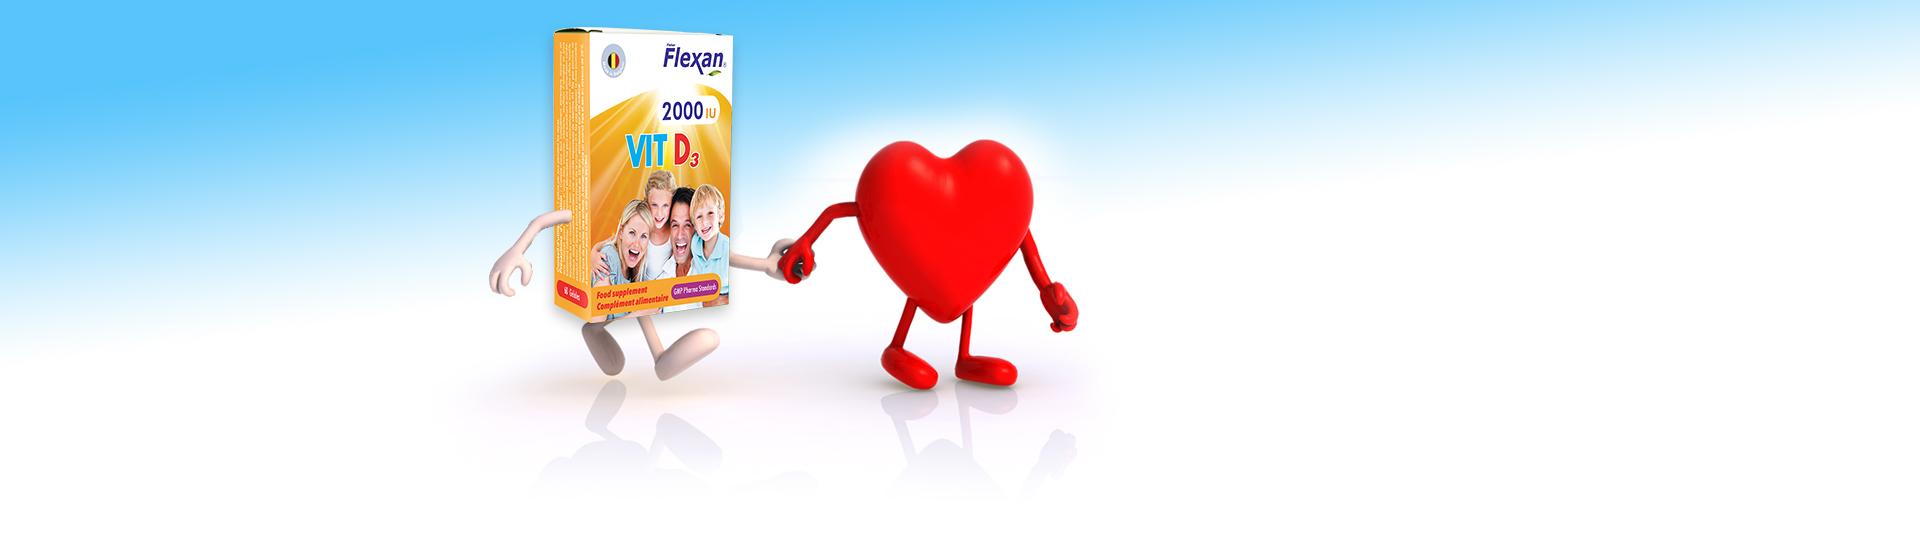 قلب-و-ویتامین-دی-